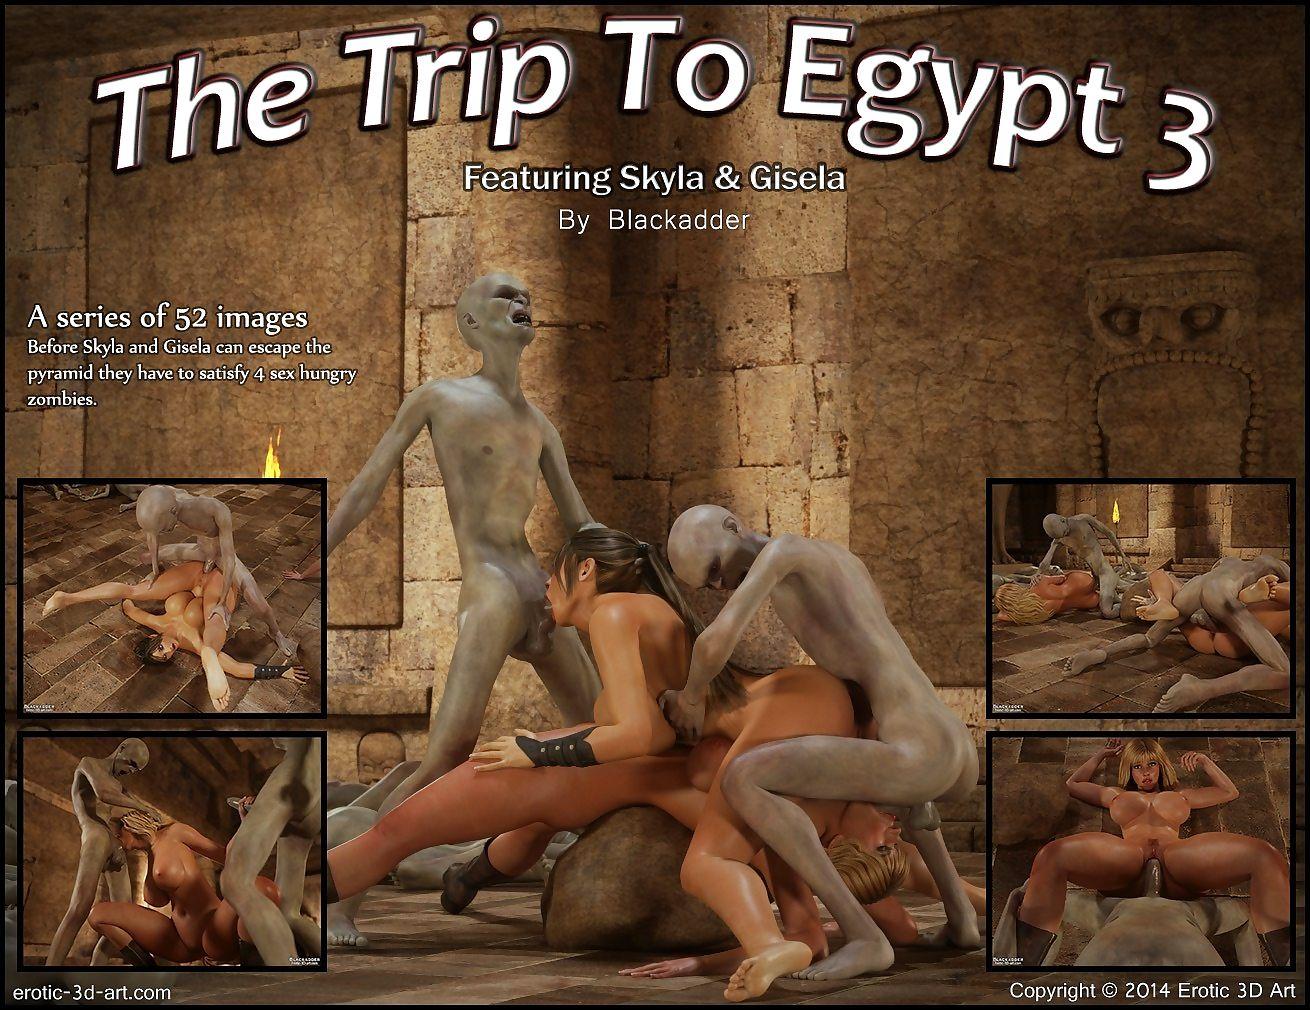 Blackadder- Tool along nearly Egypt 3